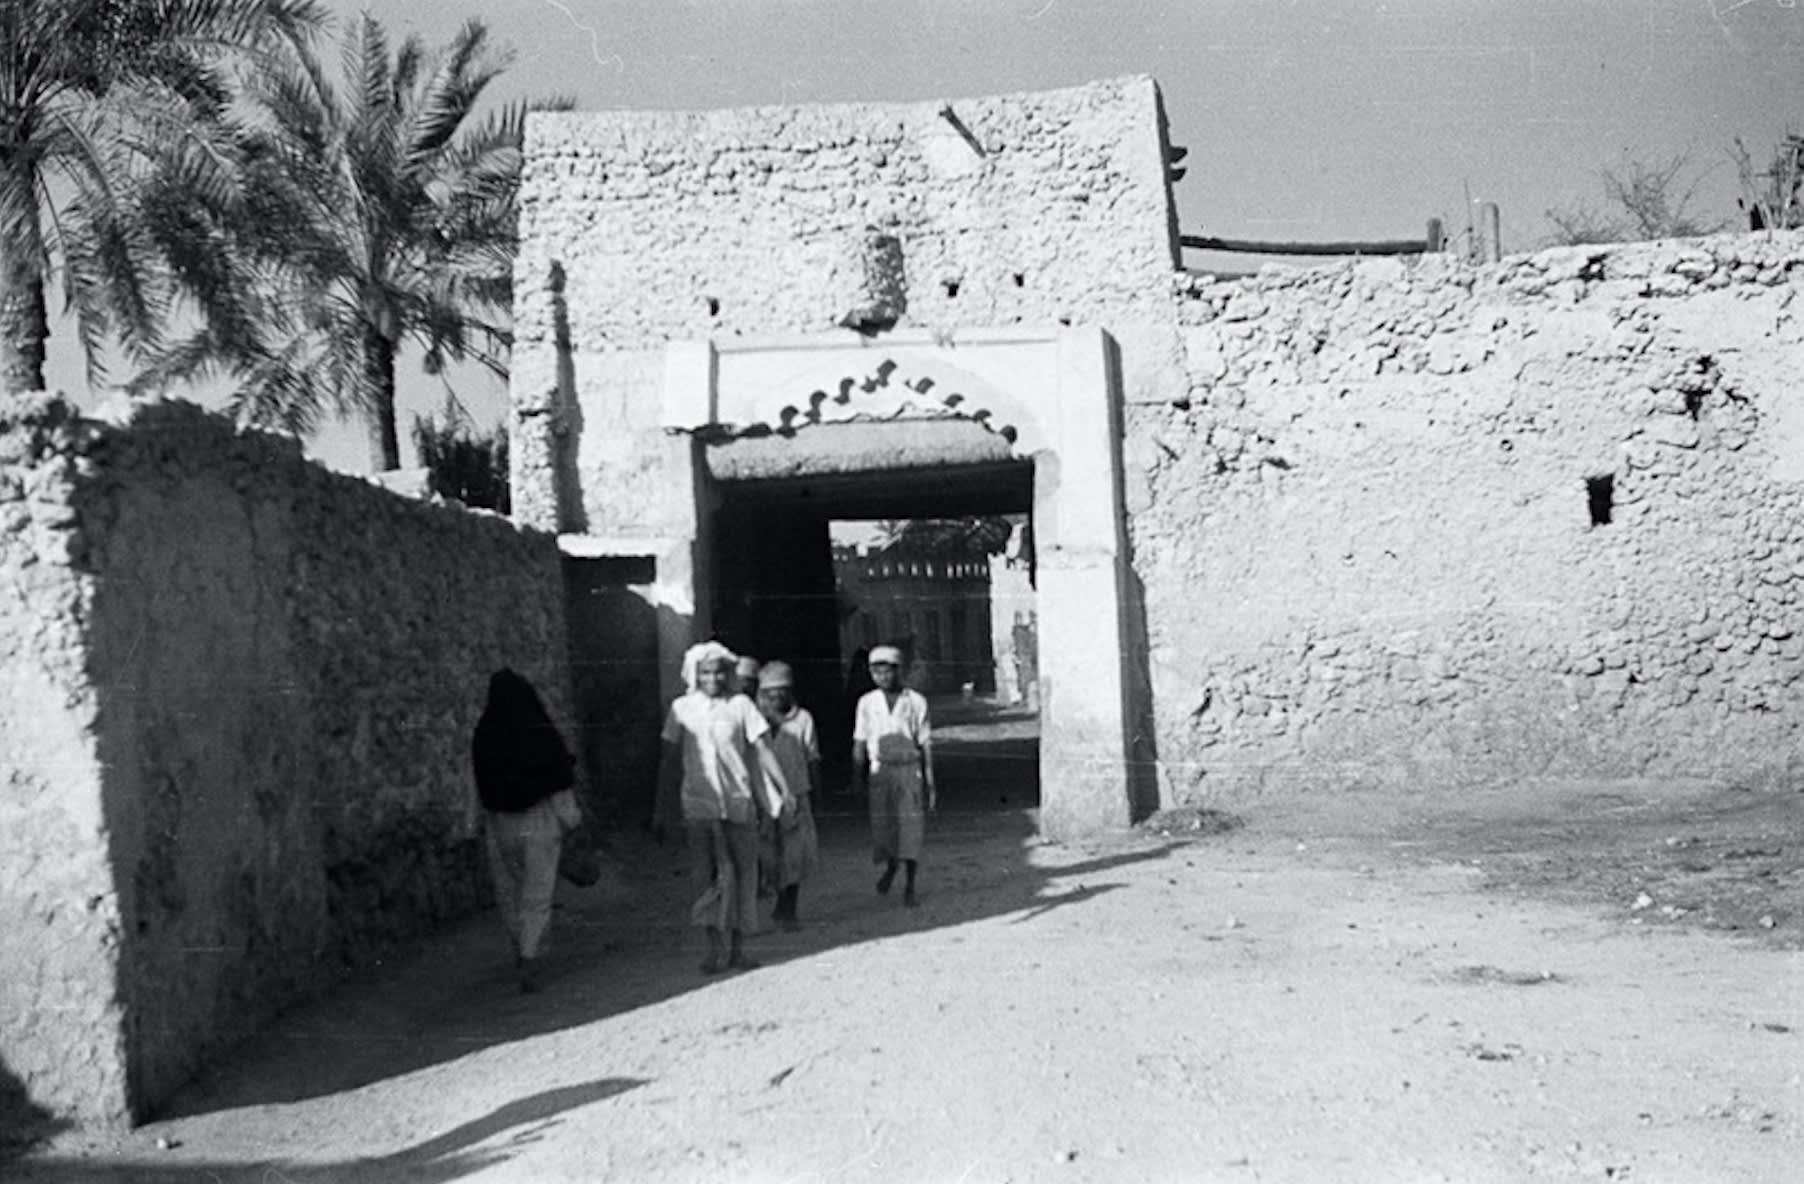 صورة تعكس أزقة محافظة القطيف في عام 1945